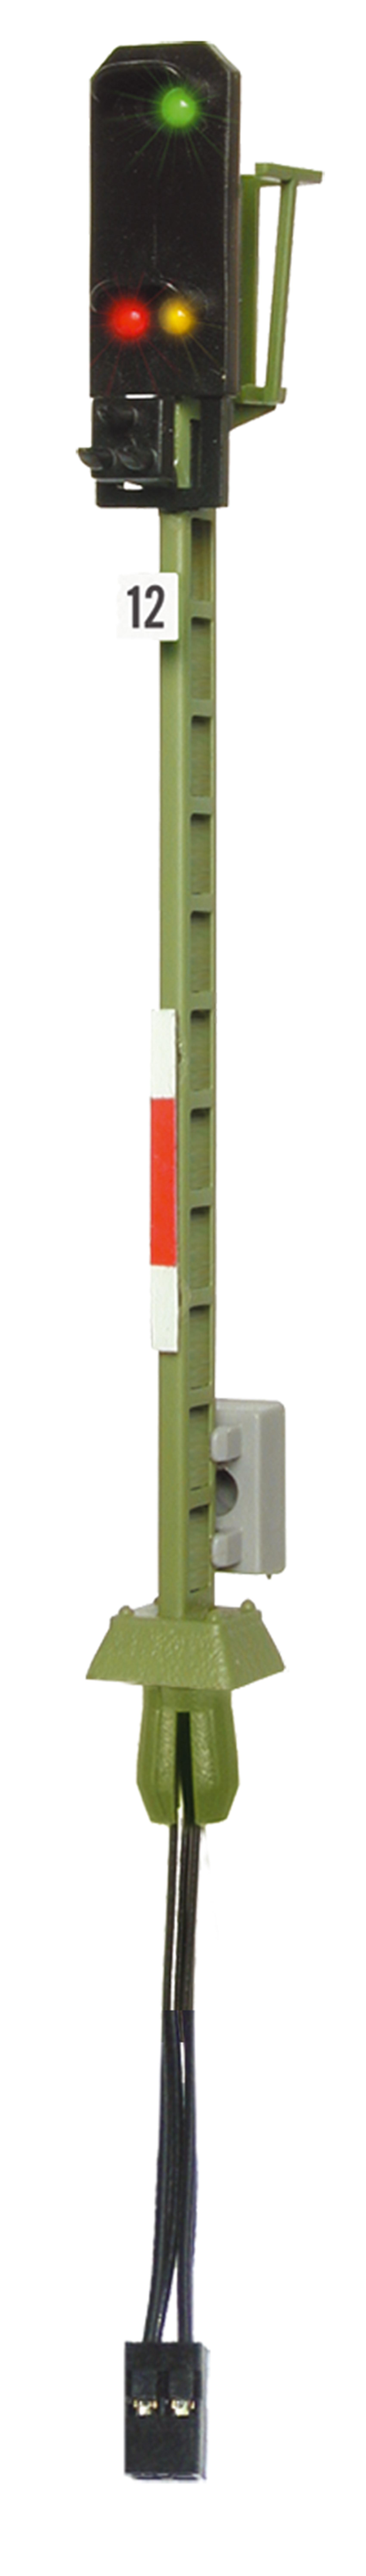 Viessmann 4722 <br/>Licht-Einfahrsignal (DB 1969), Multiplex-Technologie